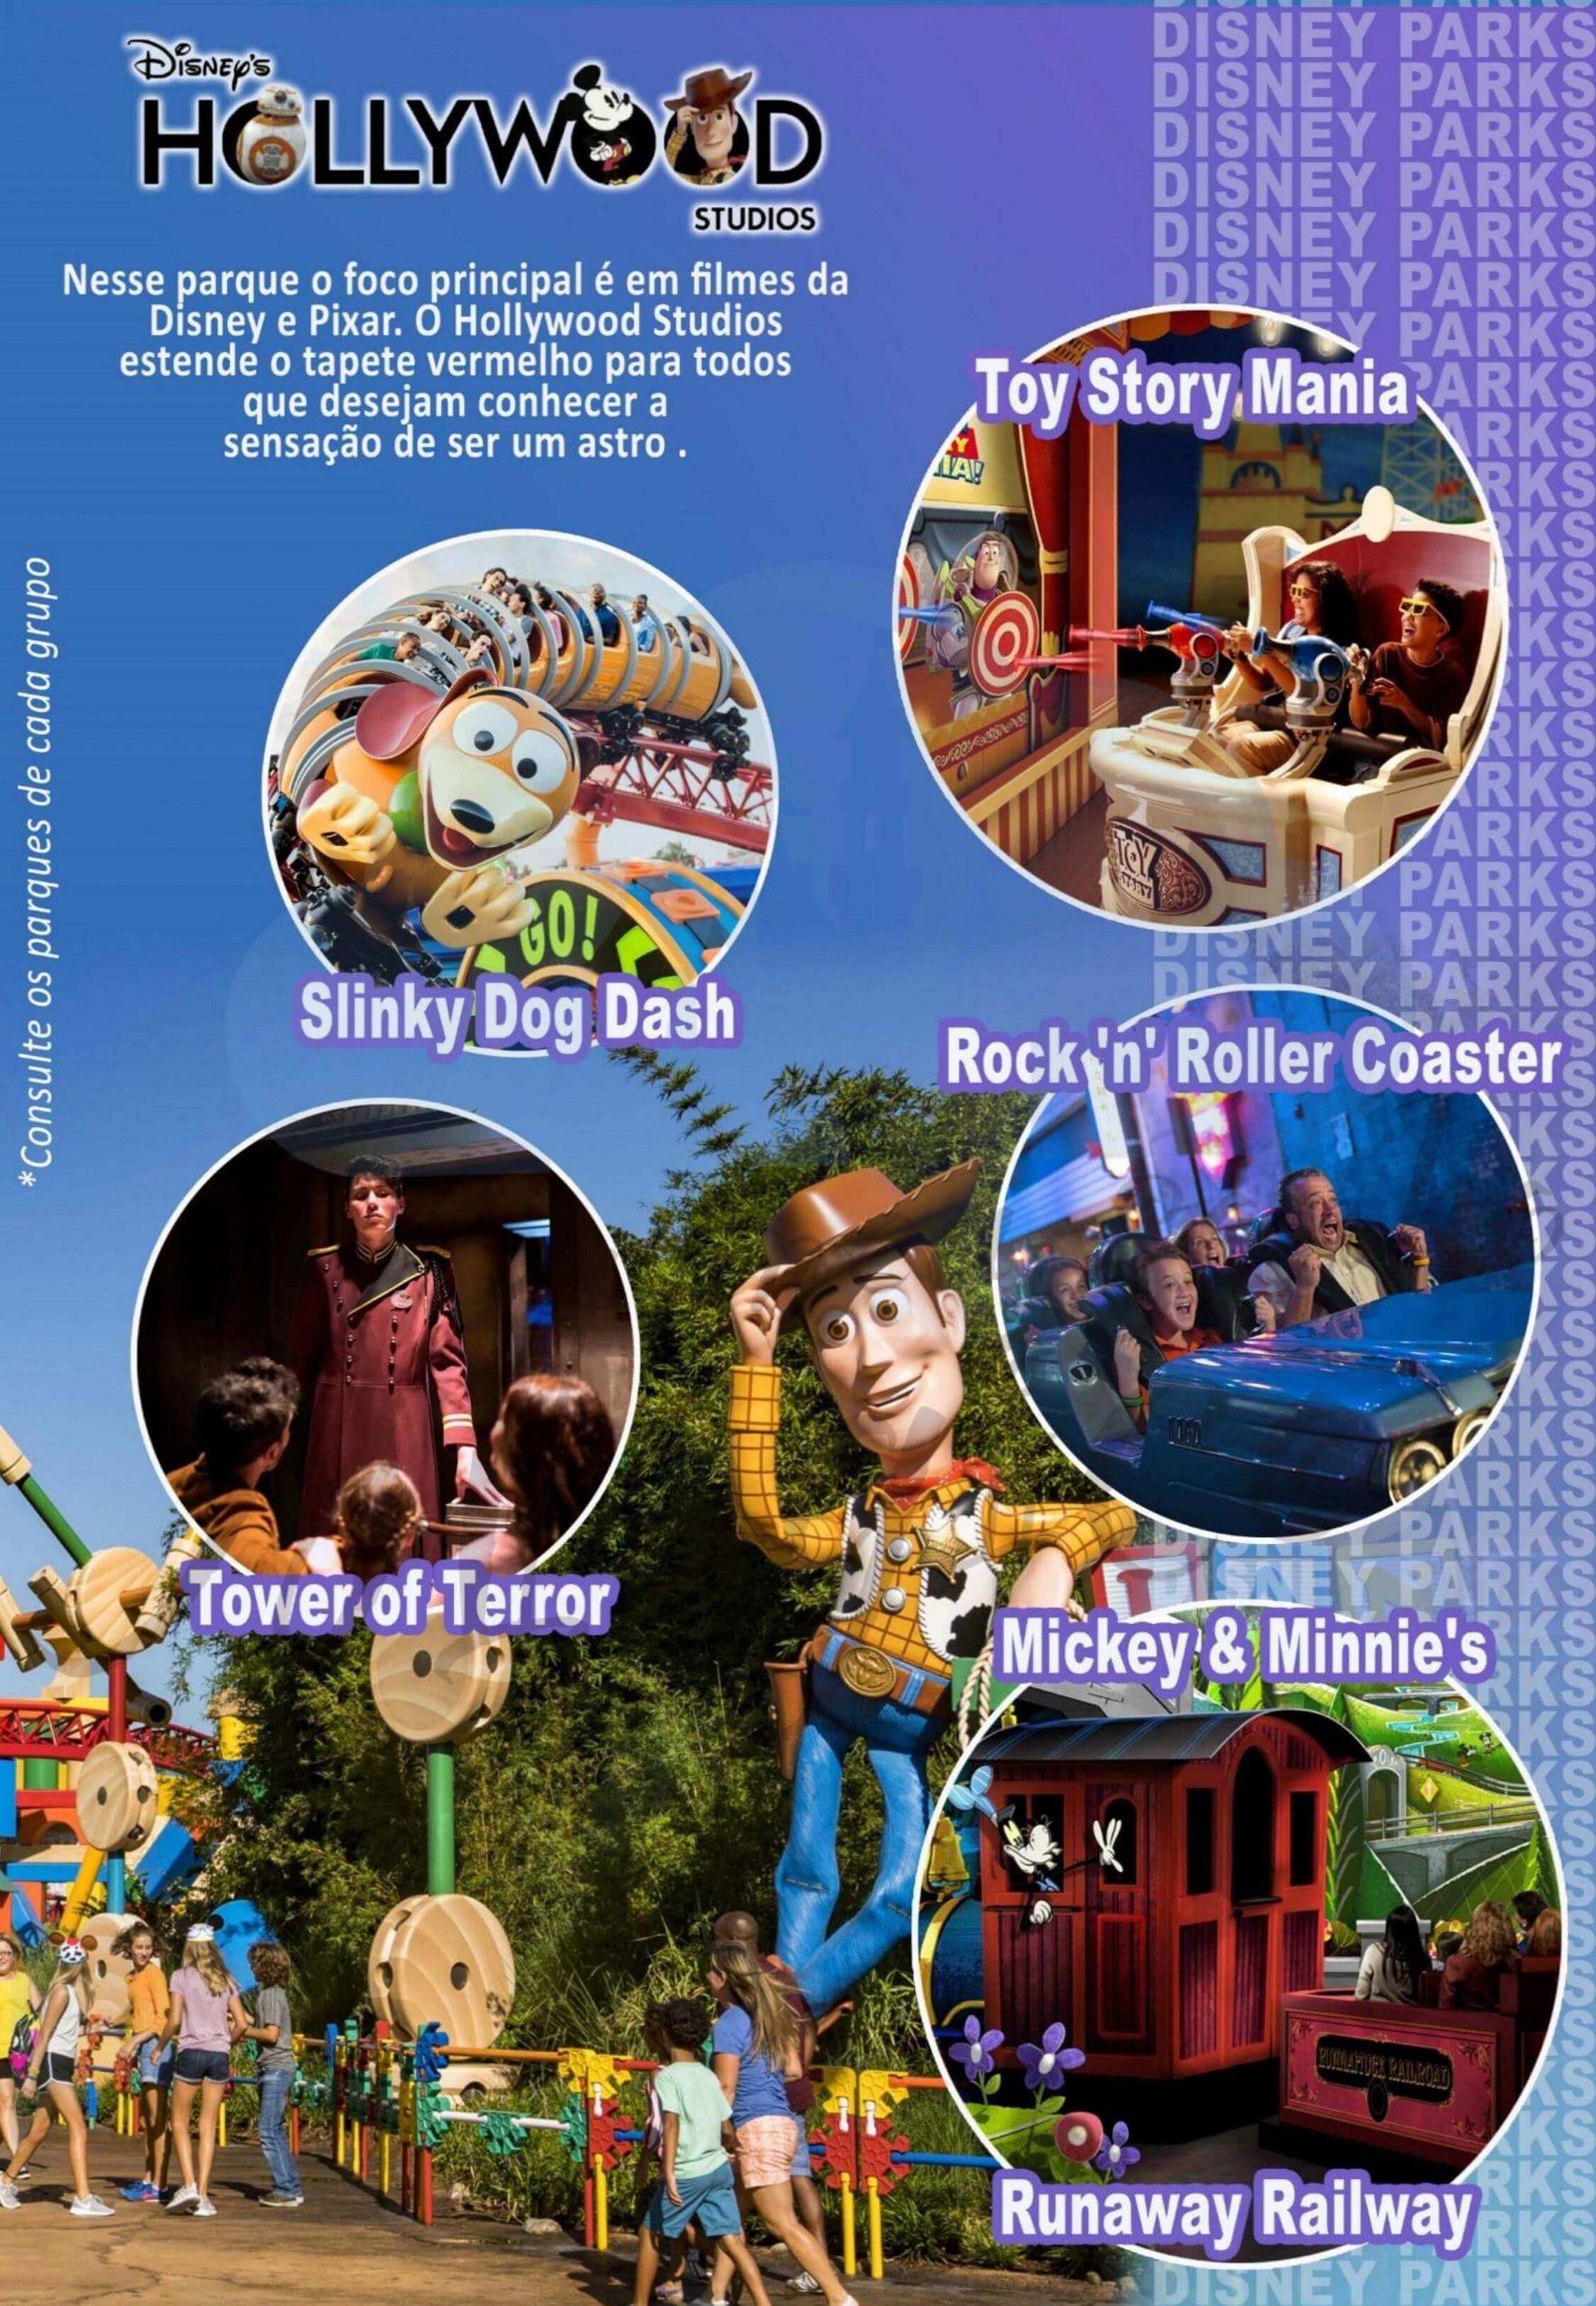 Grupo Family Verão - Disney Julho 2023 3